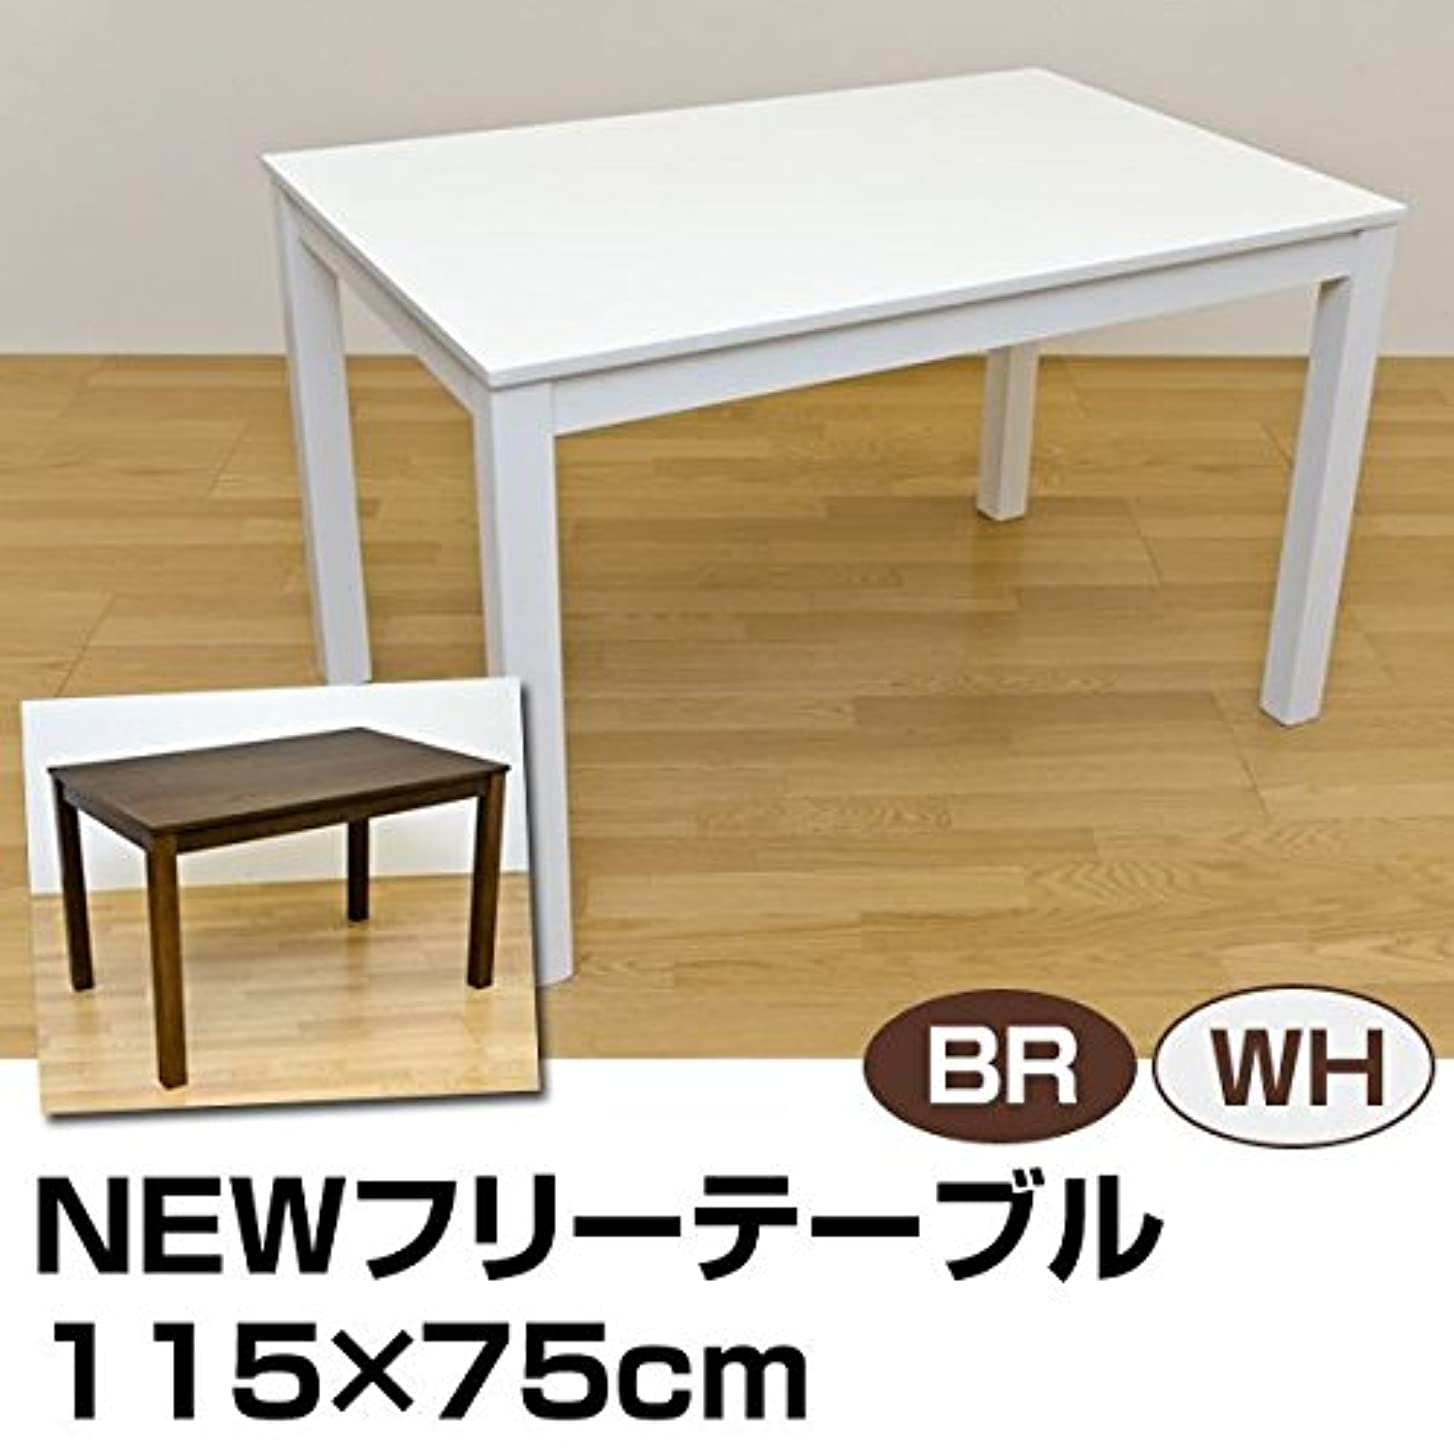 ファブリックシネマ告白するVGL-01BR(3.9)NEWフリーテーブル 115×75 ブラウン